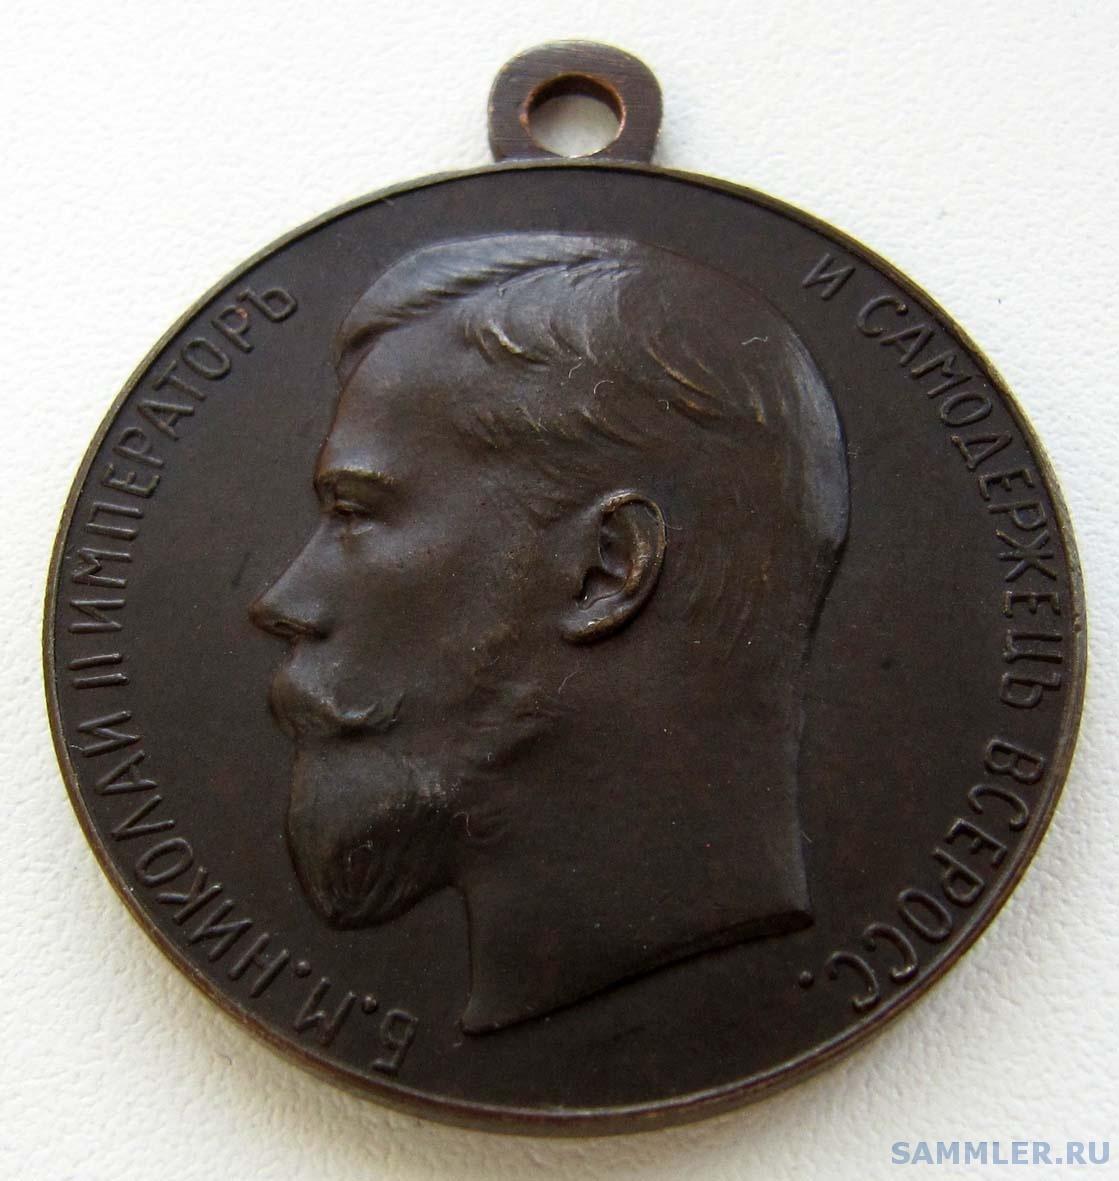 Медаль_За отличие. Тёмная бронза. Николай 2 (аверс 2).jpg